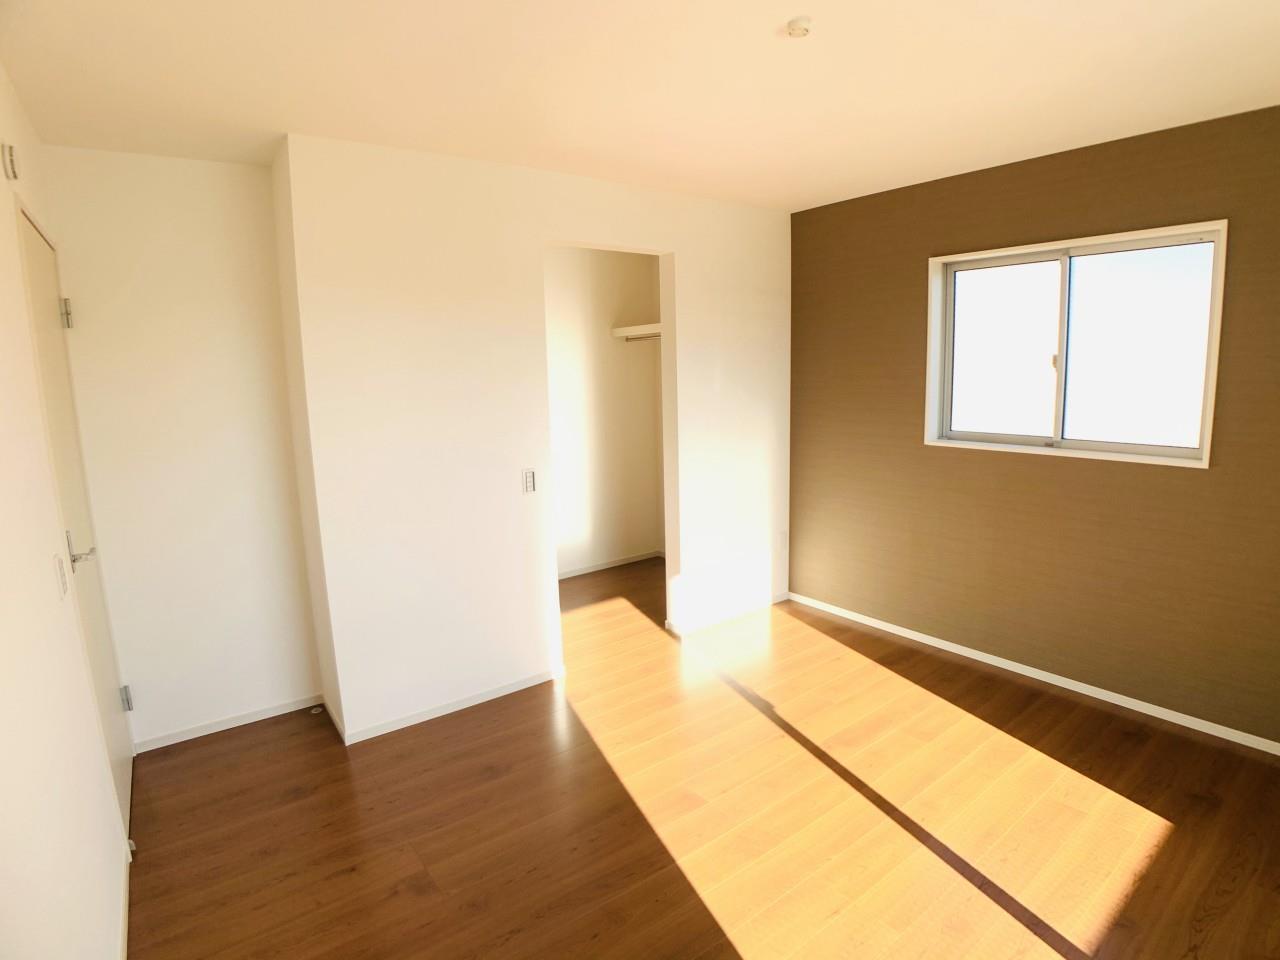 2号棟|シックなアクセントクロスがリラックス空間を彩る主寝室。広々としたバルコニーへアクセス出来ます。